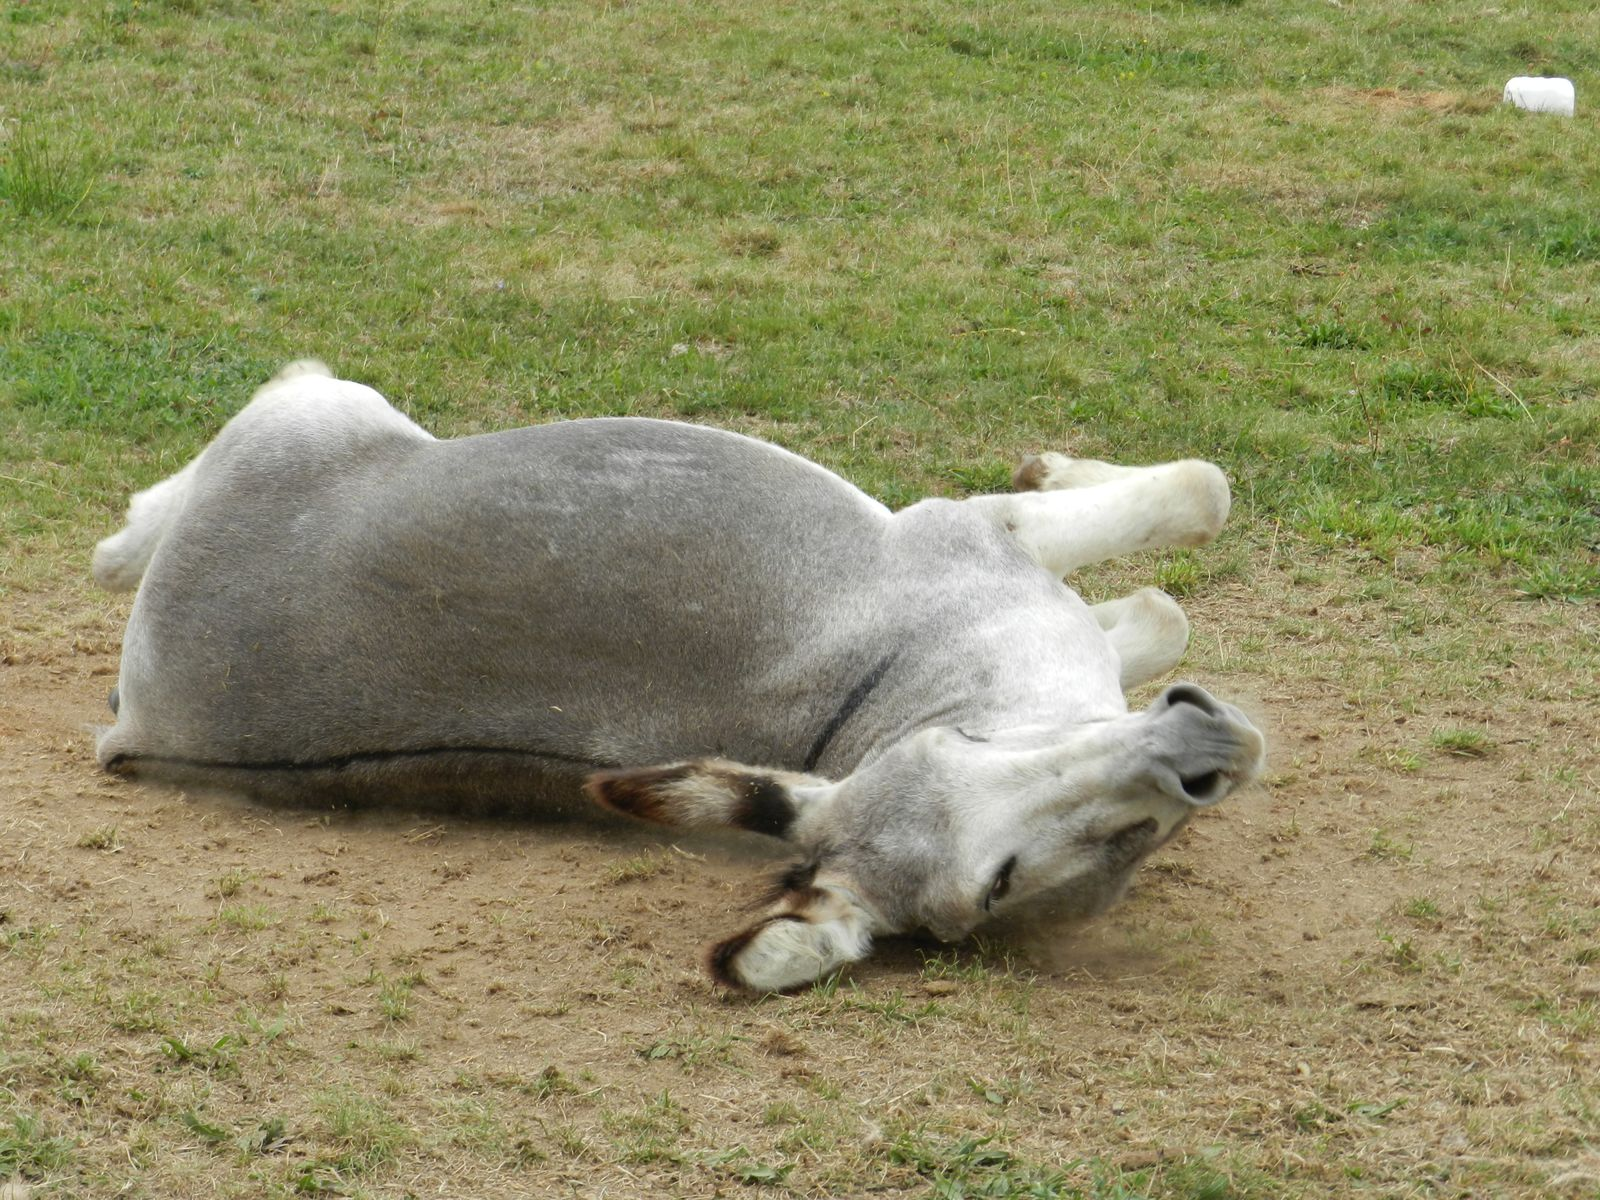 Âne qui se roule dans la terre - photo soumise à droits d'auteur - Techniques d'élevage 2013